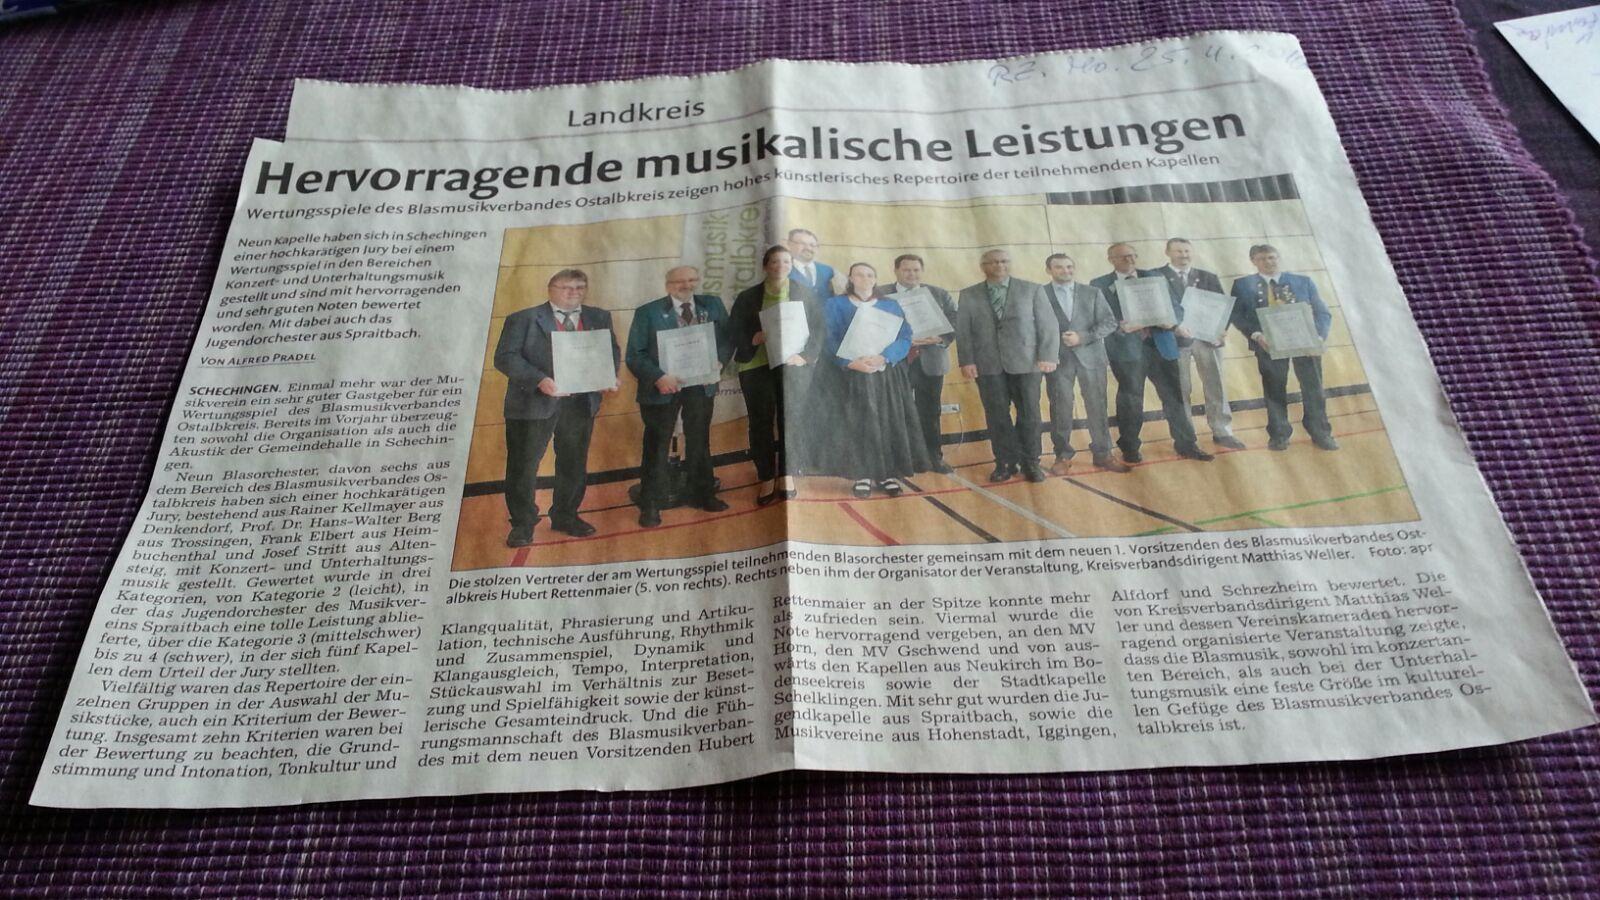 Zeitungsartikel aus der Remszeitung vom 25.04.2016